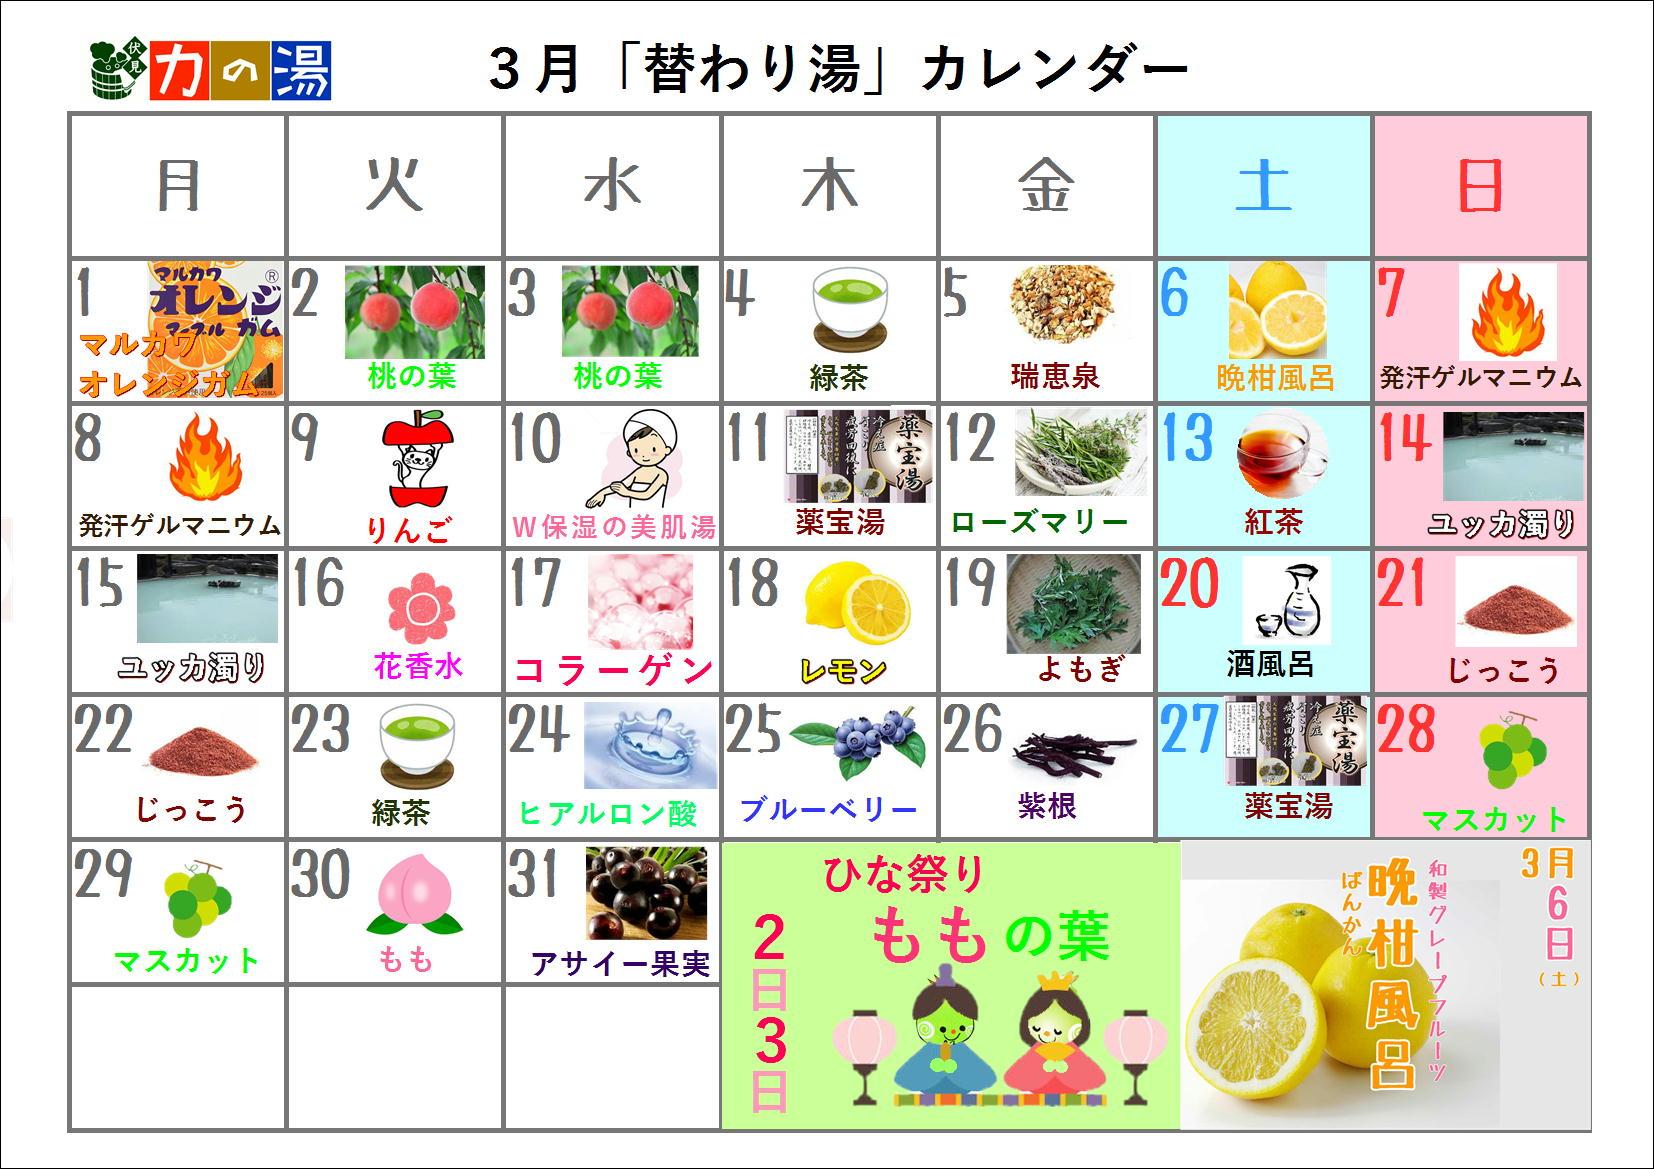 3月の日替わり湯